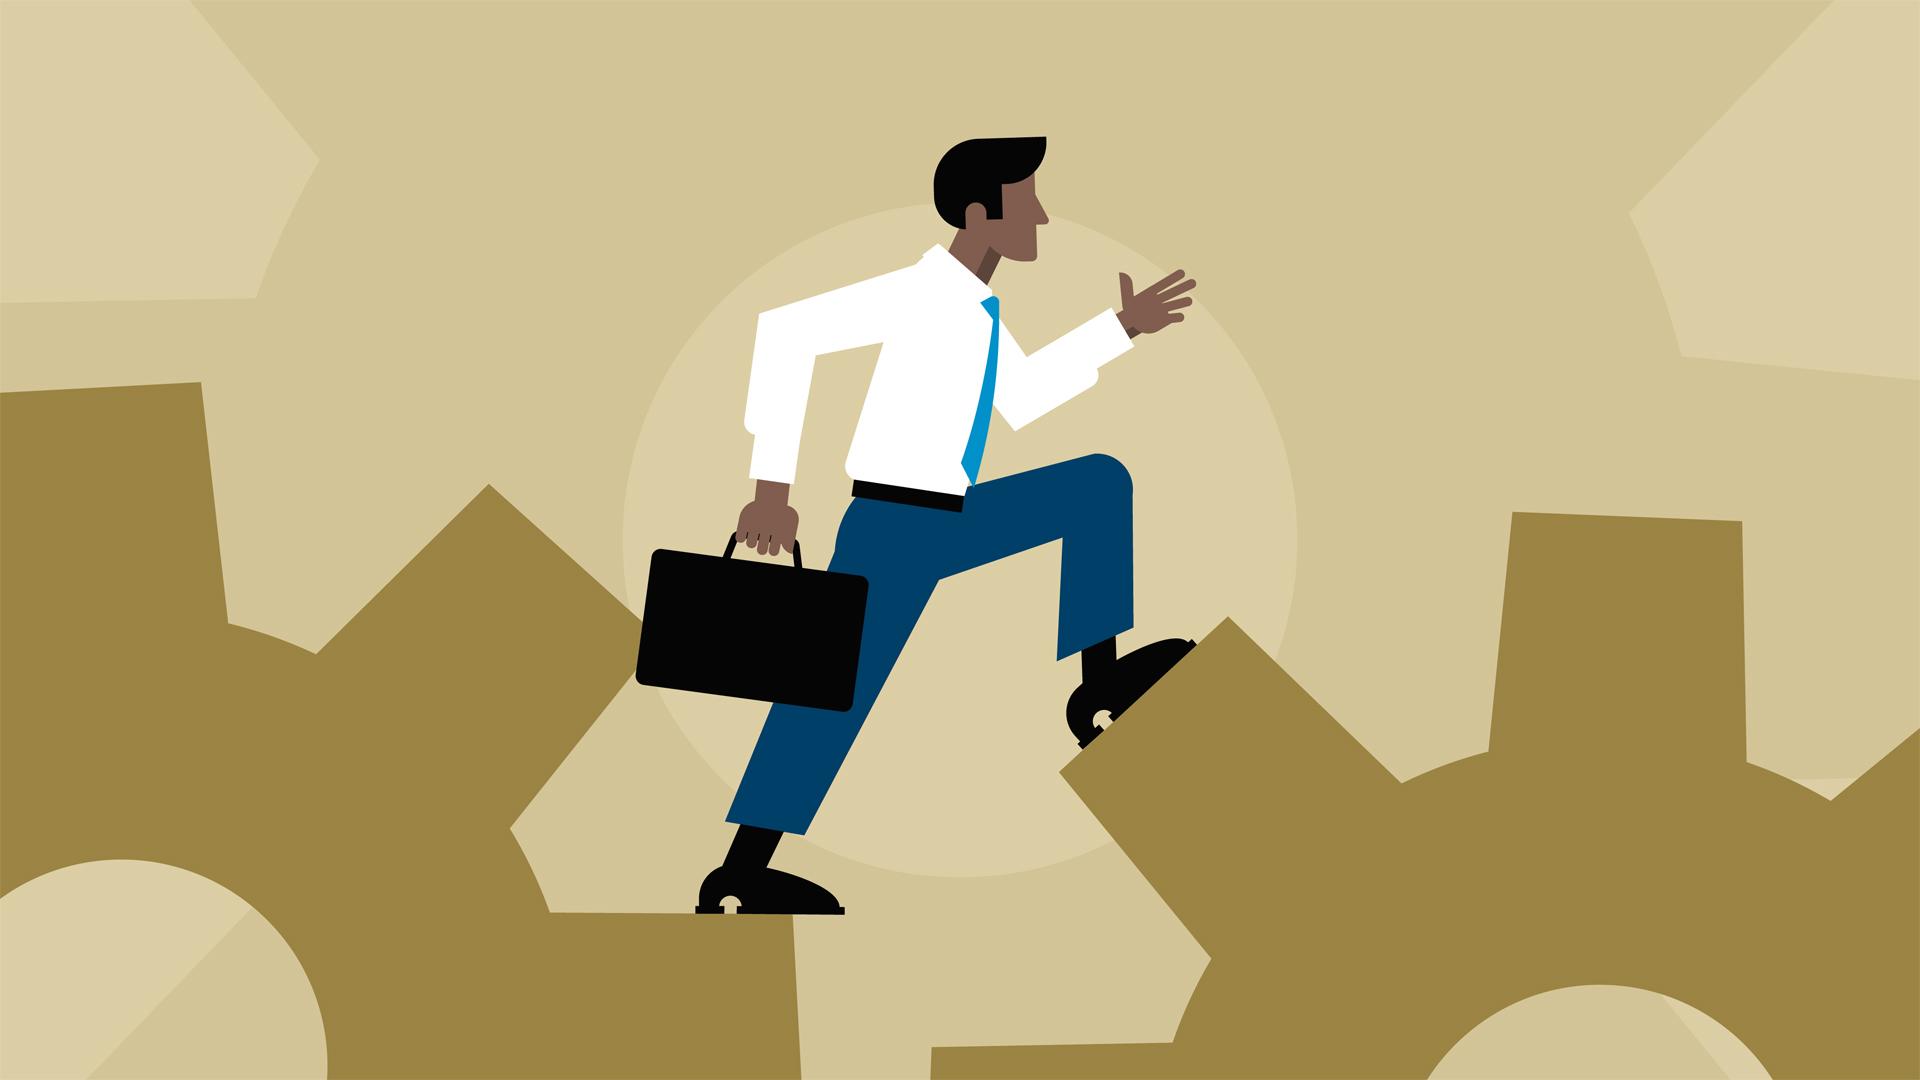 خمس خطوات لتتقن إدارة الذات